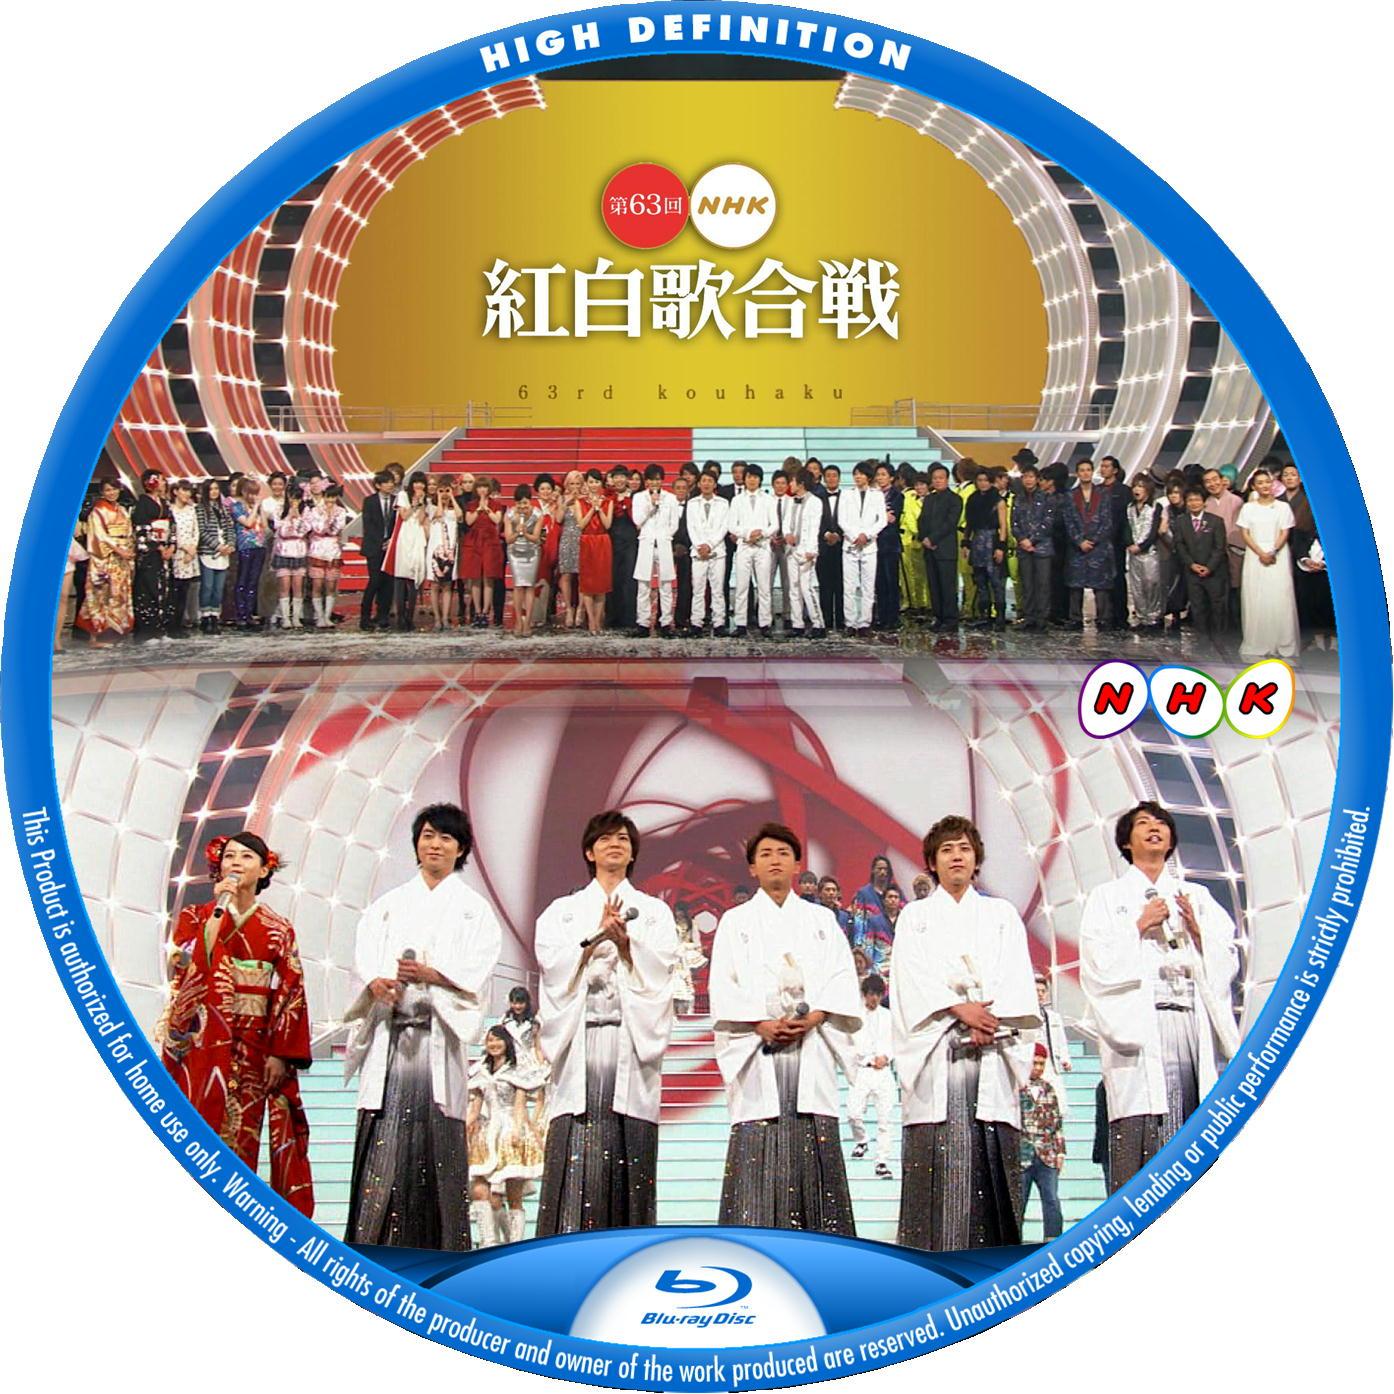 第63回NHK紅白歌合戦 2012 BDラベル